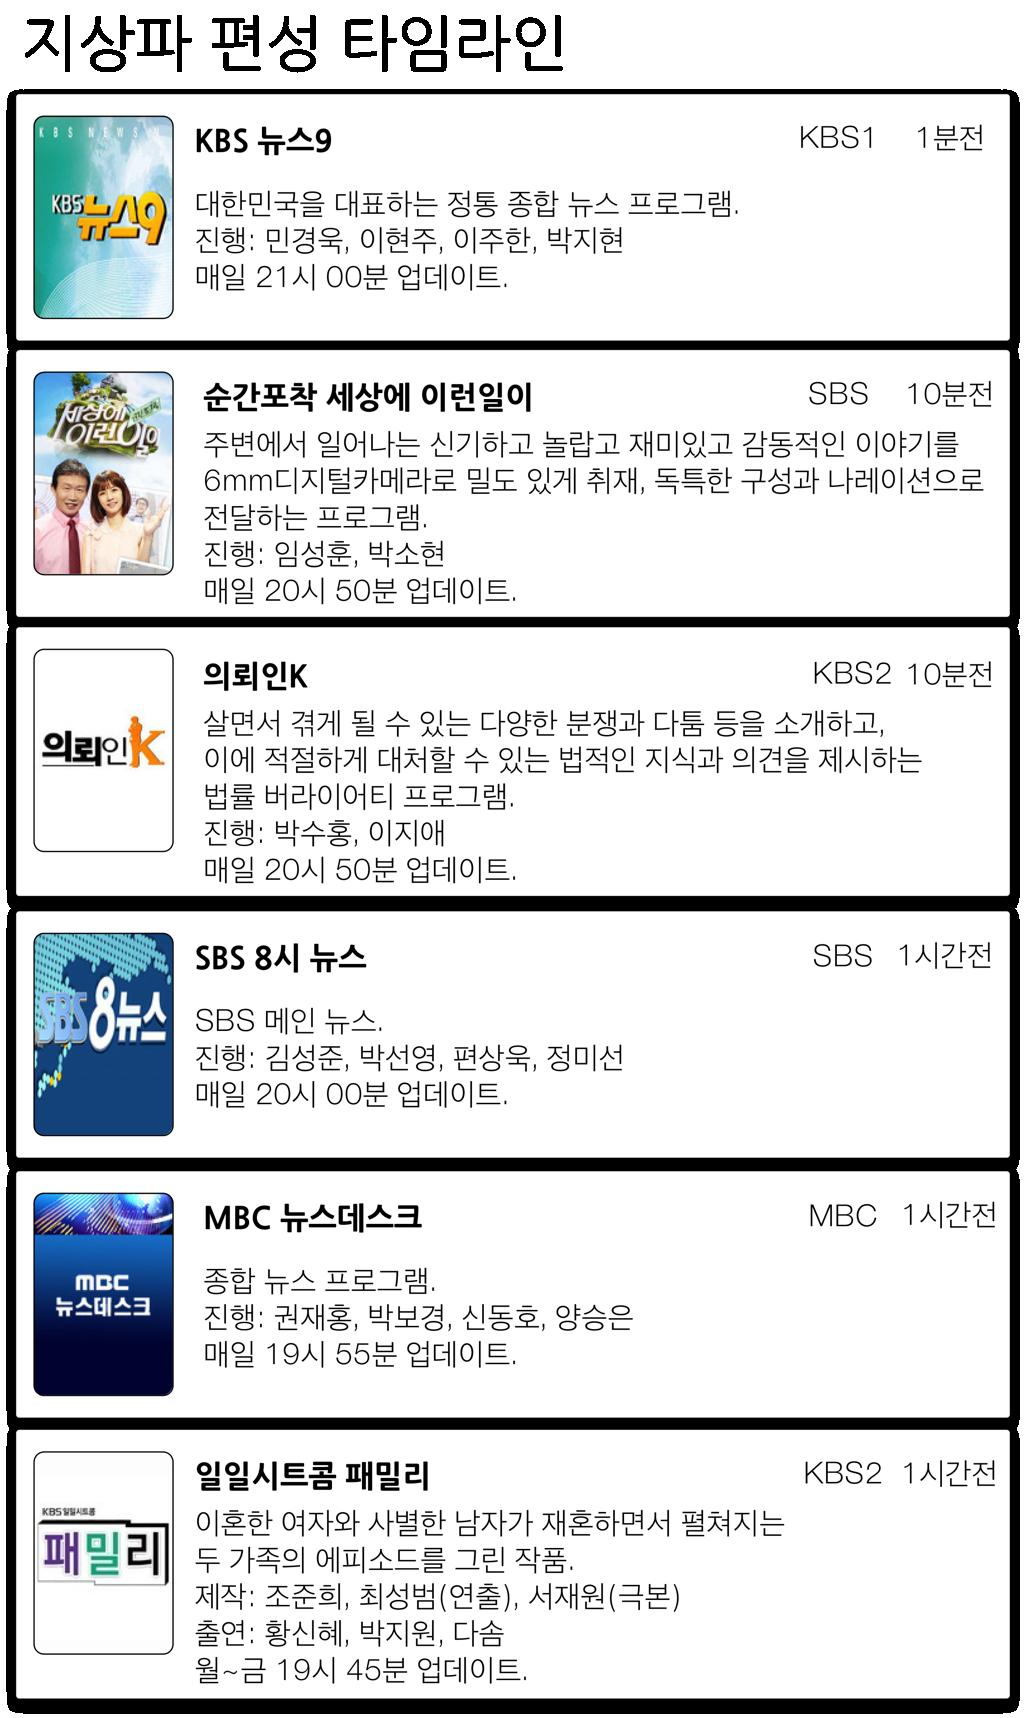 트위터 타임라인 같은 유사 실시간 편성